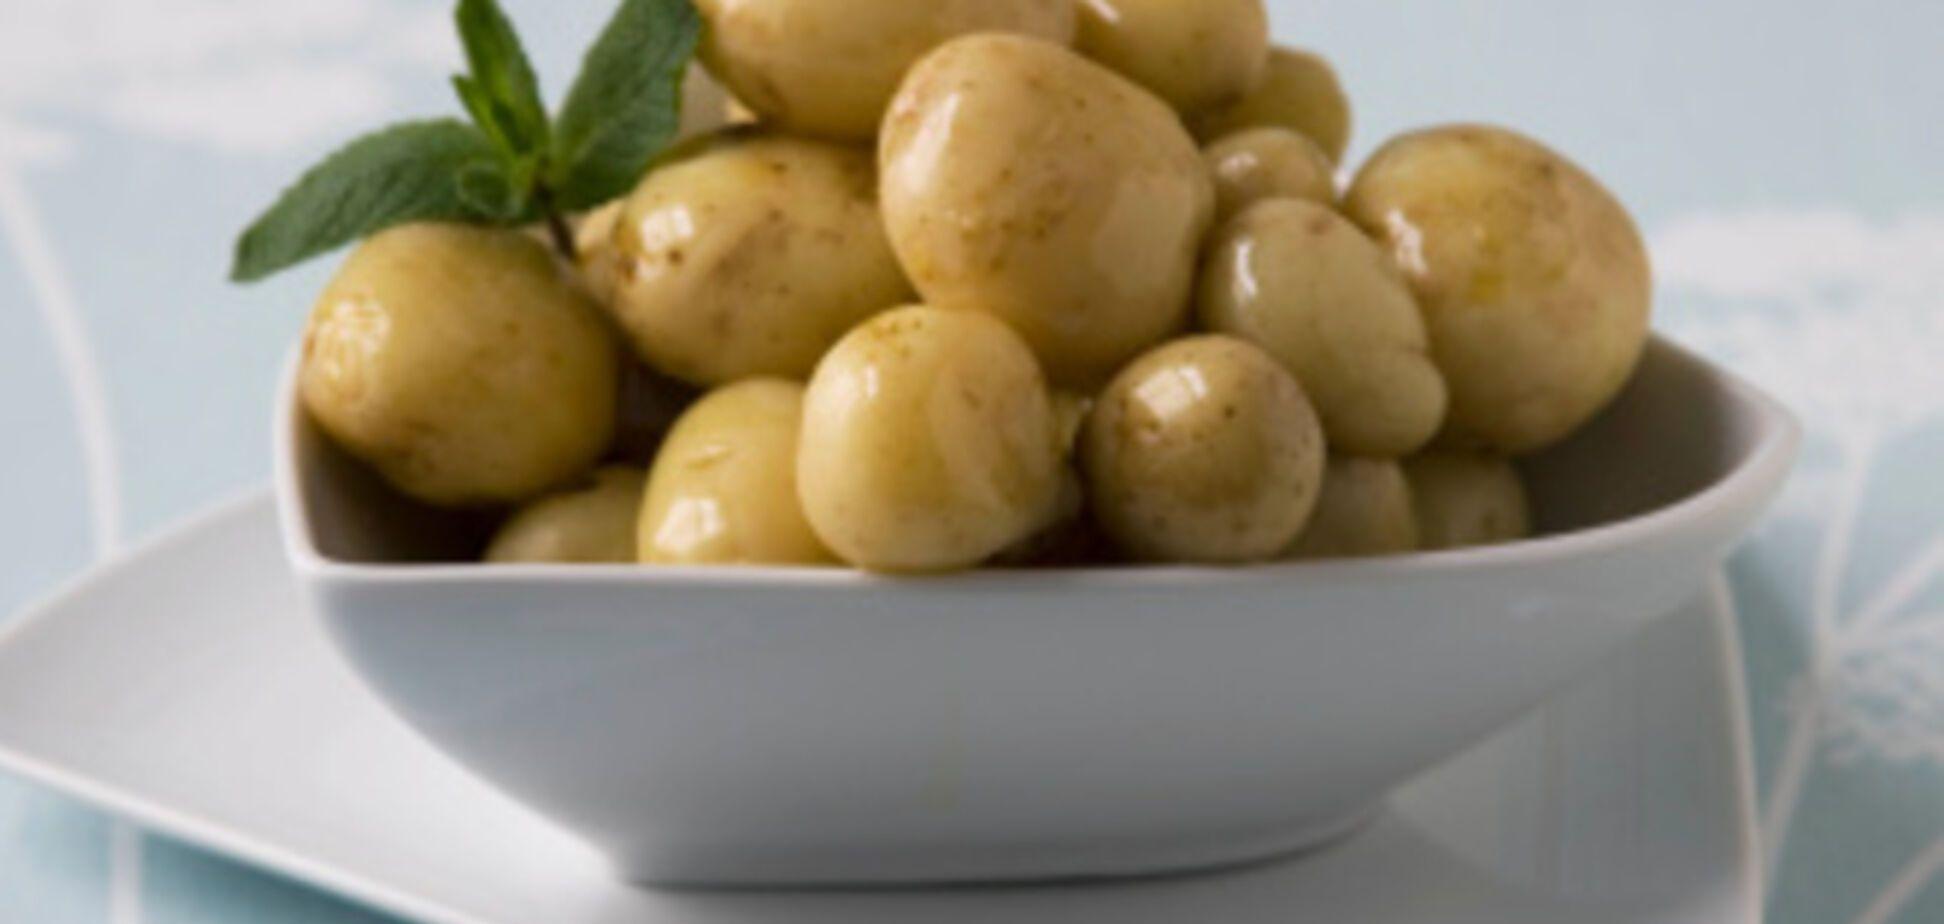 От картошки можно умереть. Ужасные случаи массовых отравлений овощем